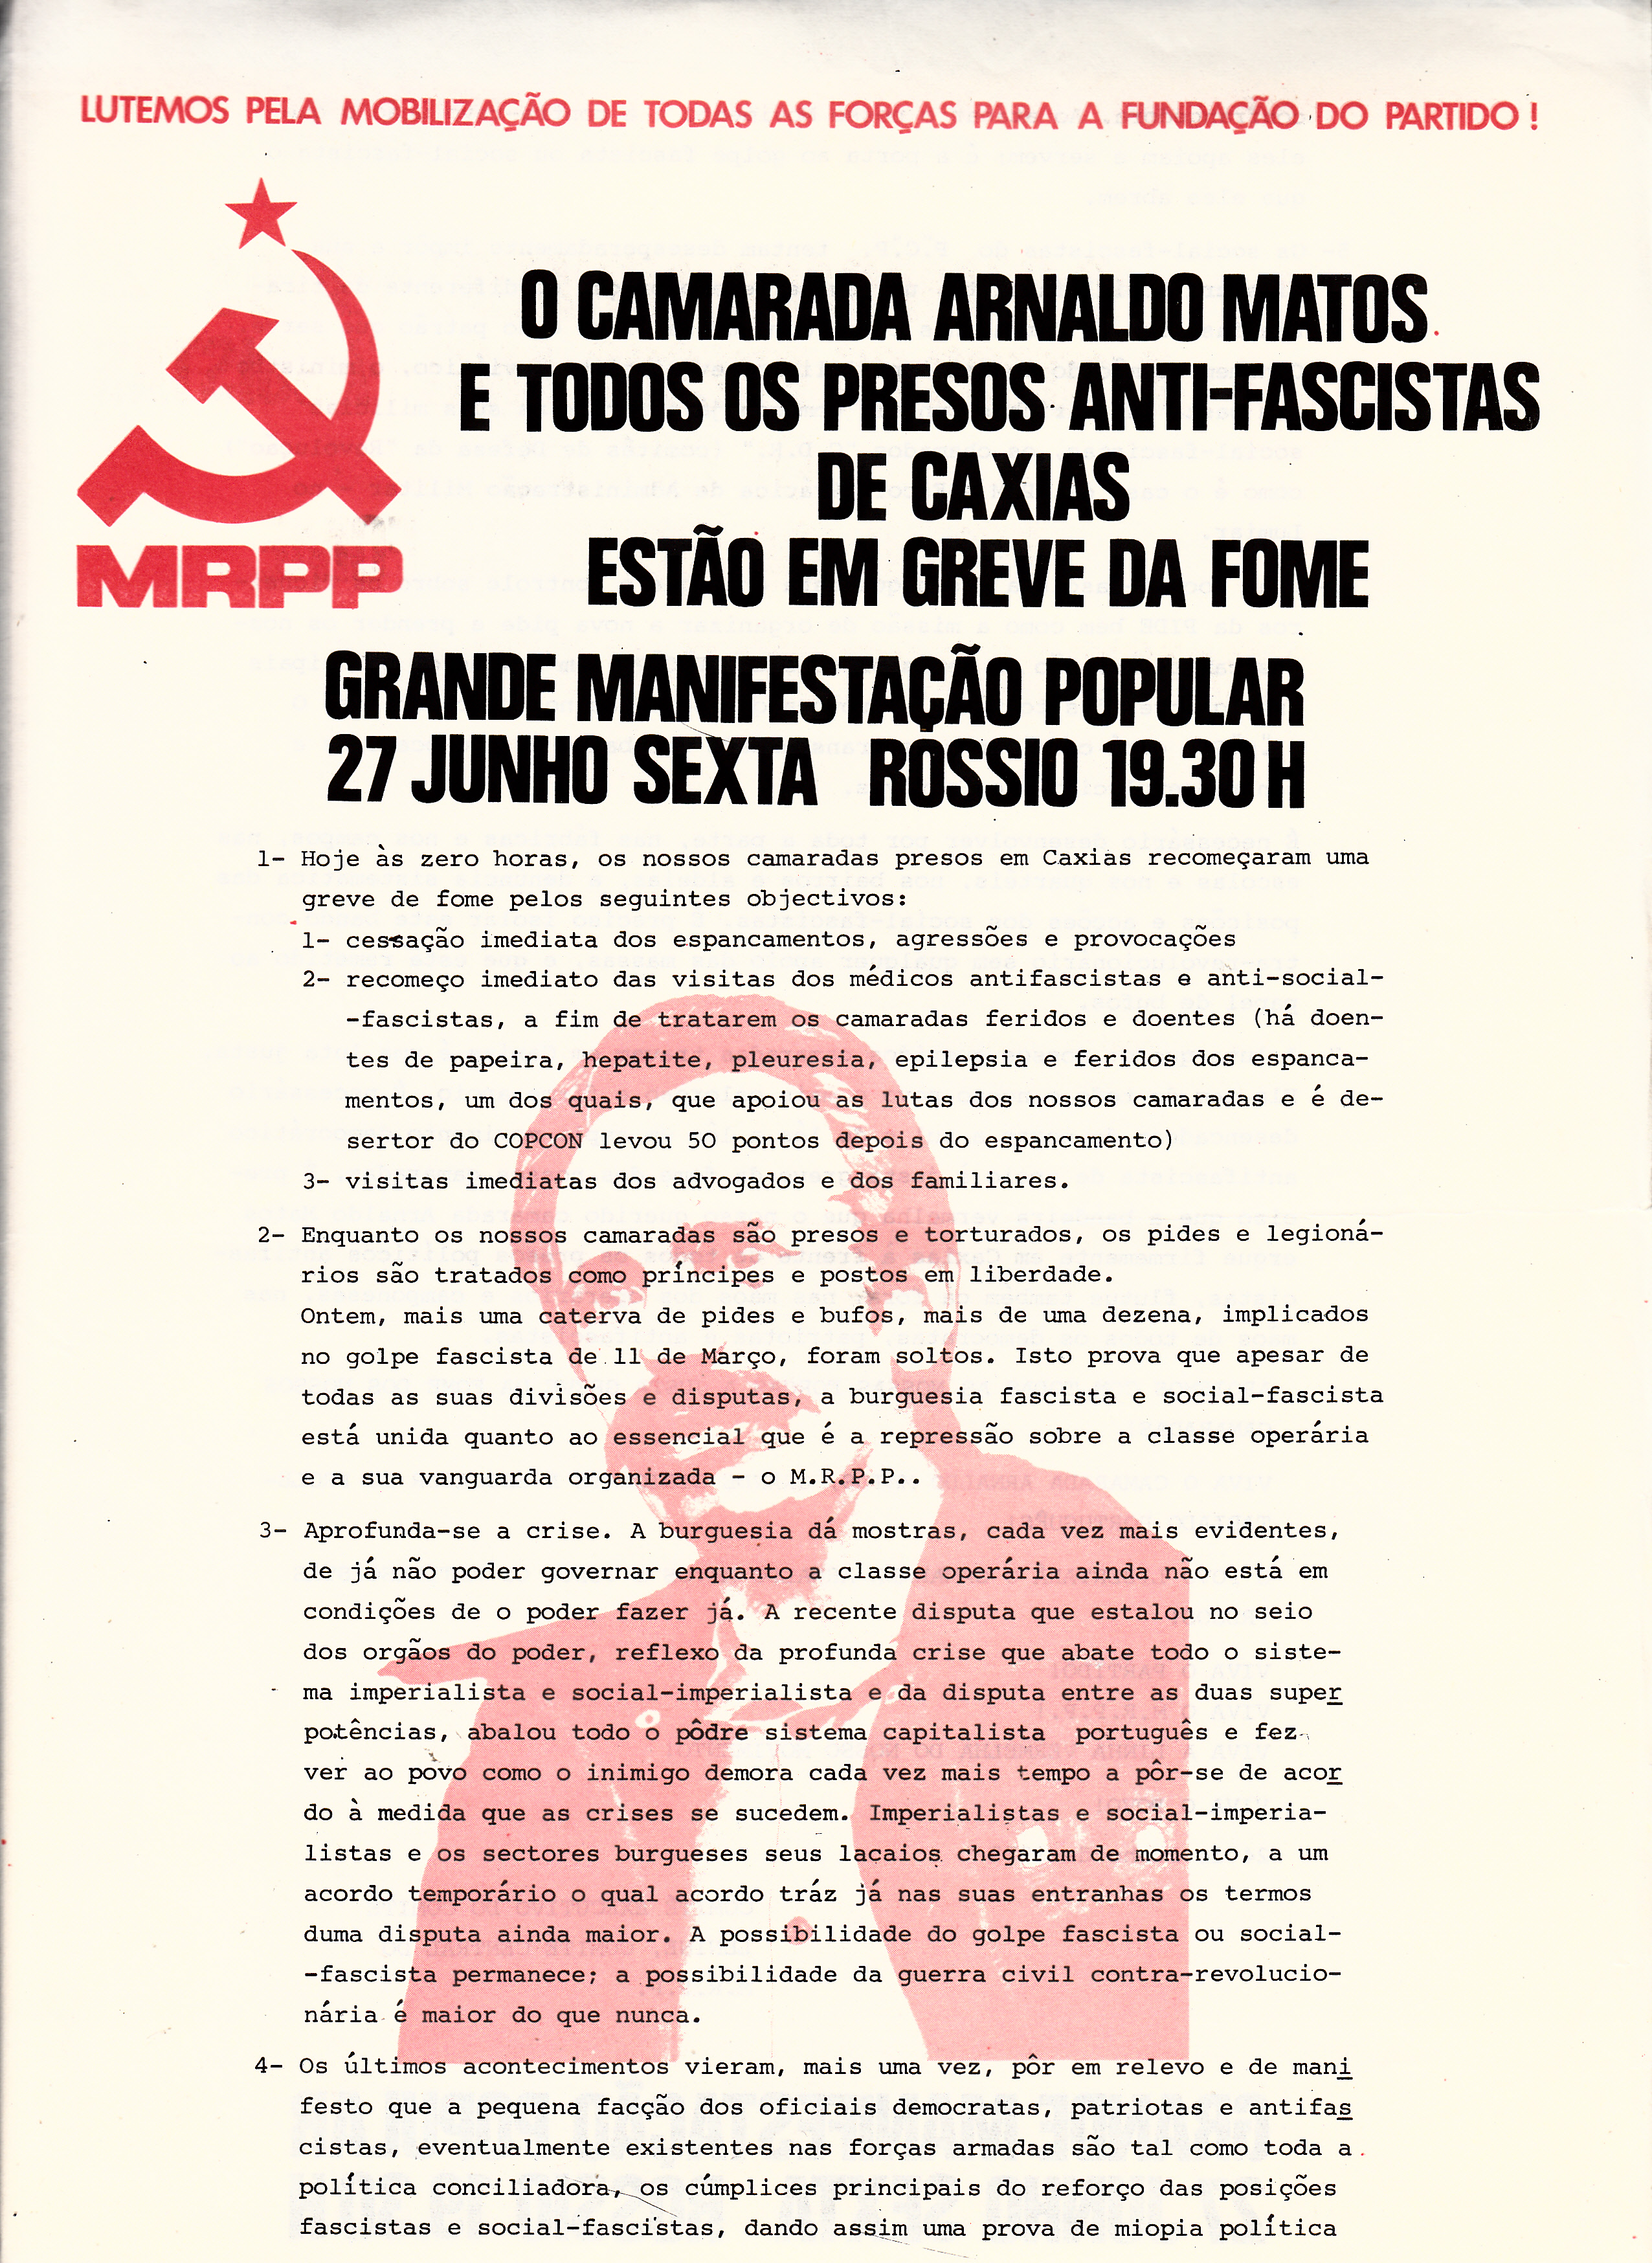 MRPP_1975_06_24_0001